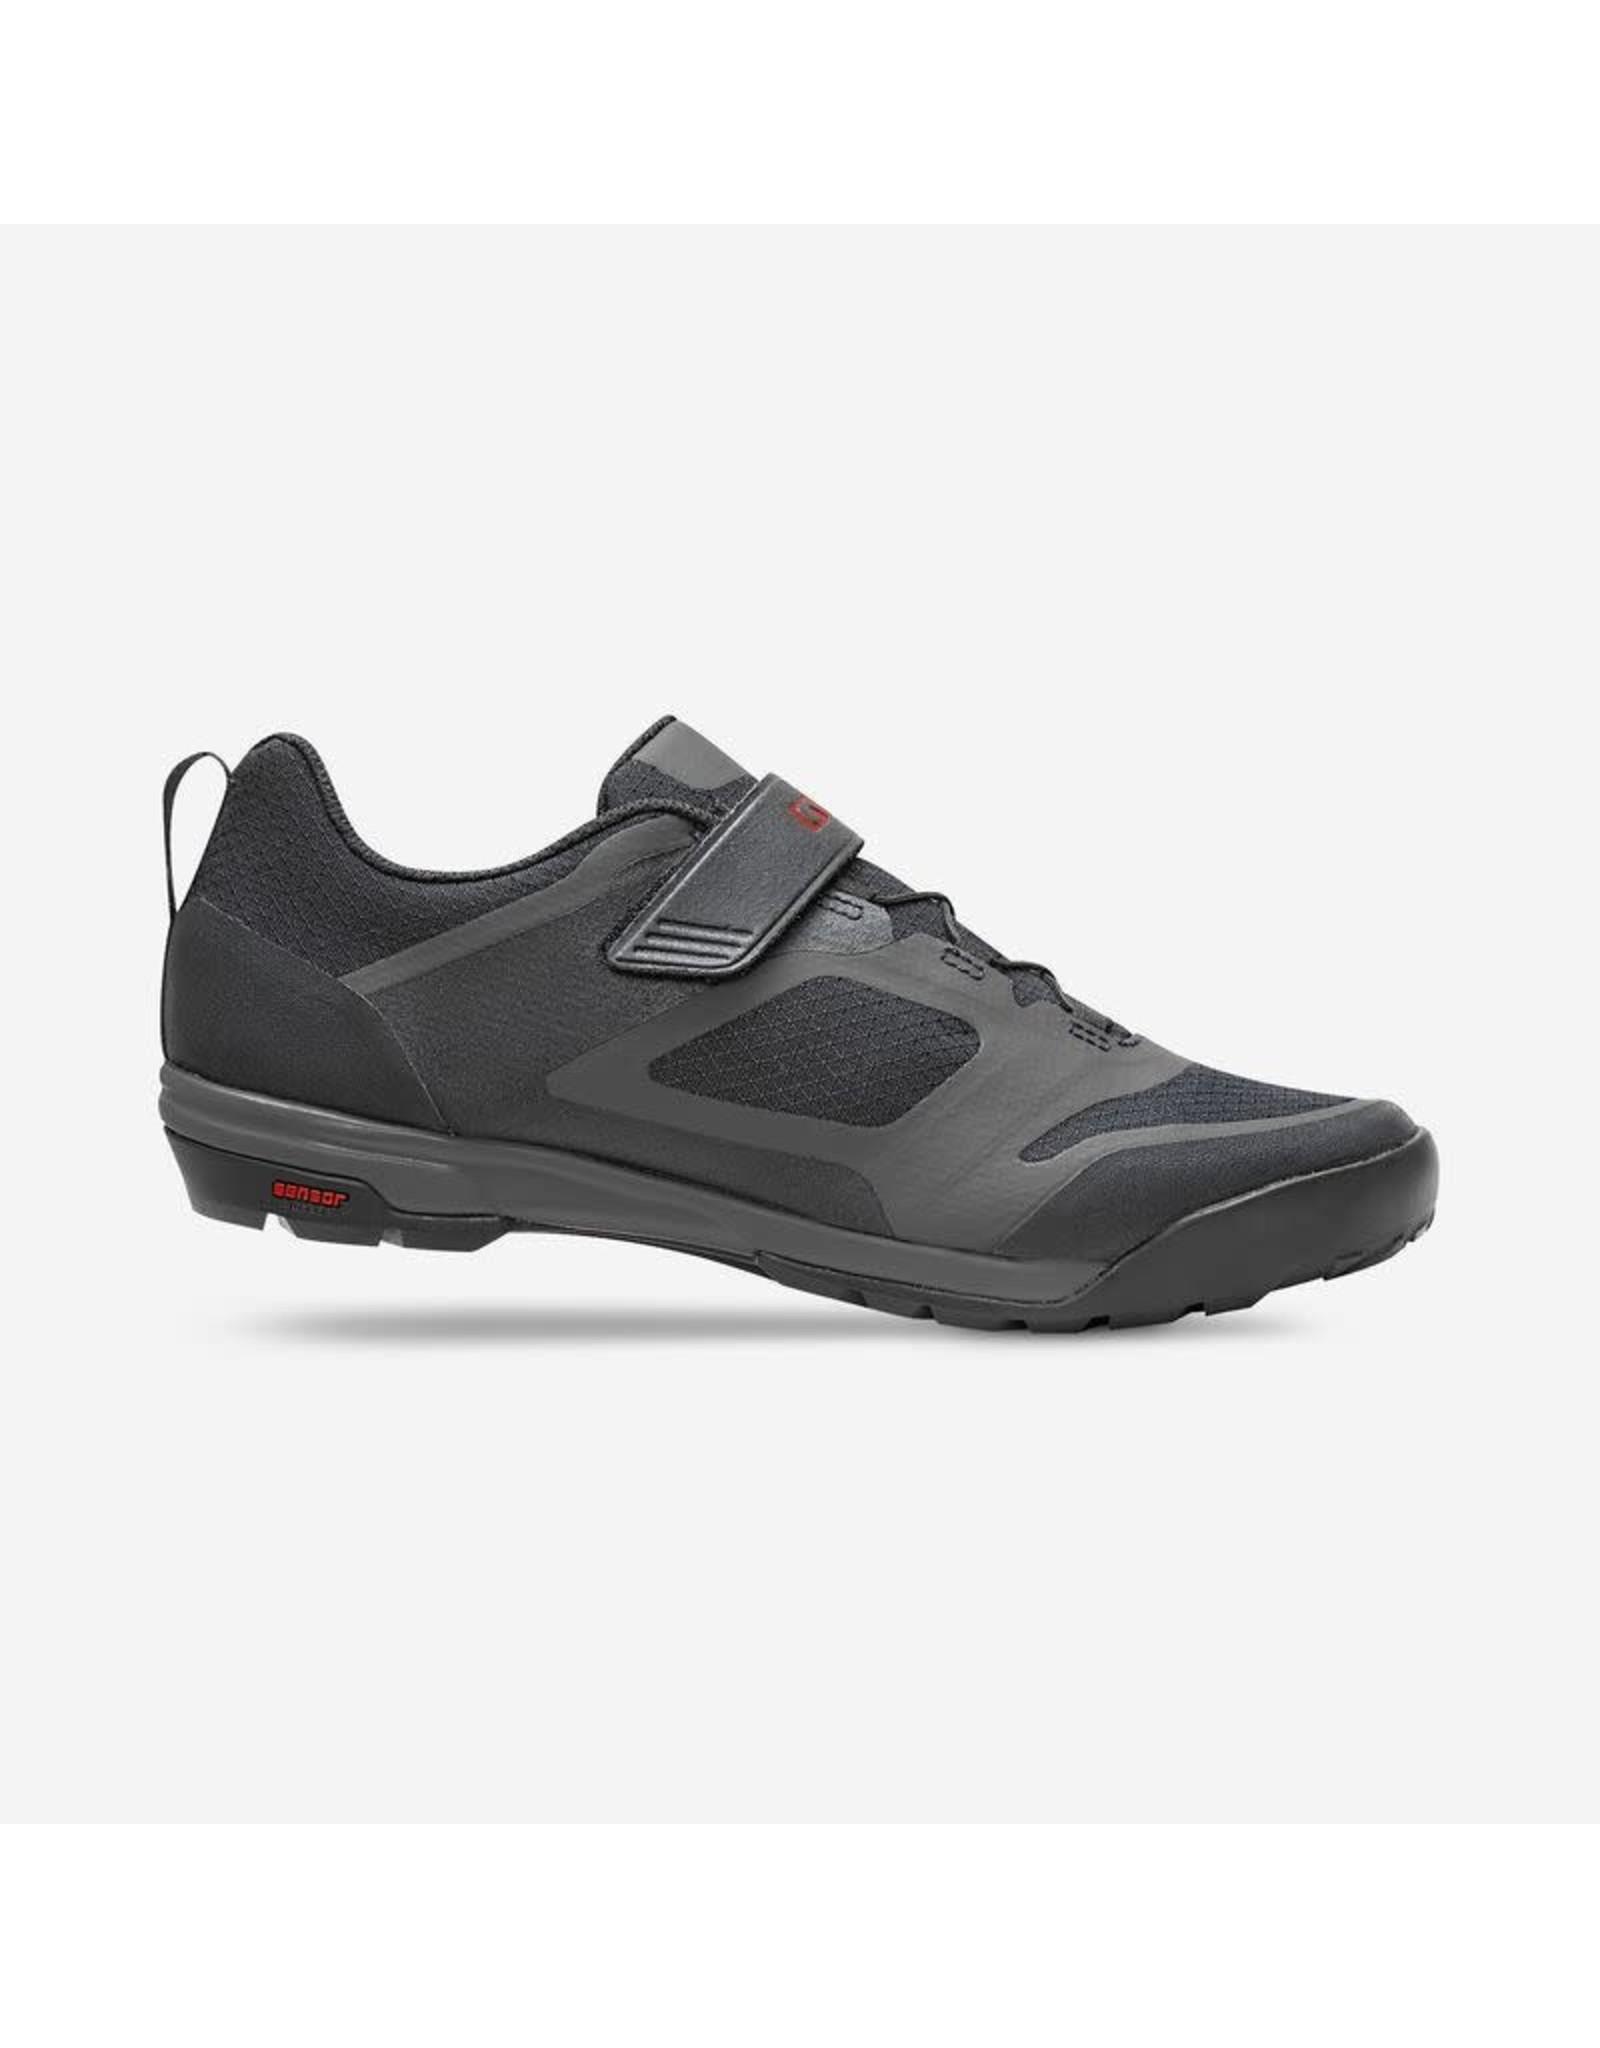 Footwear GIRO VENTANA FASTLACE BLK/DK SHD 44